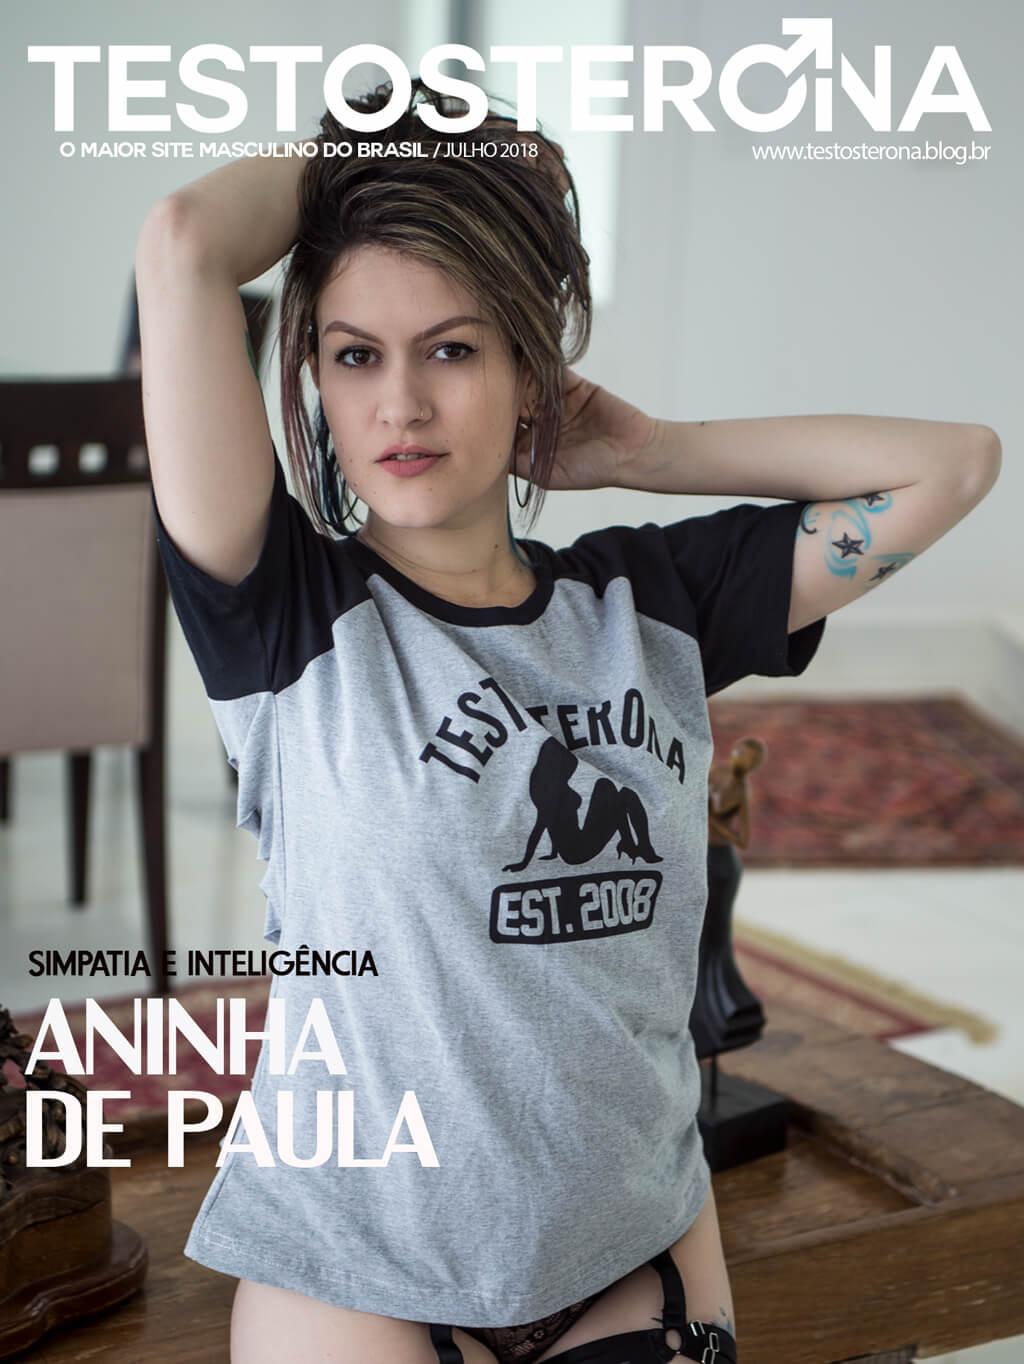 Aninha de Paula